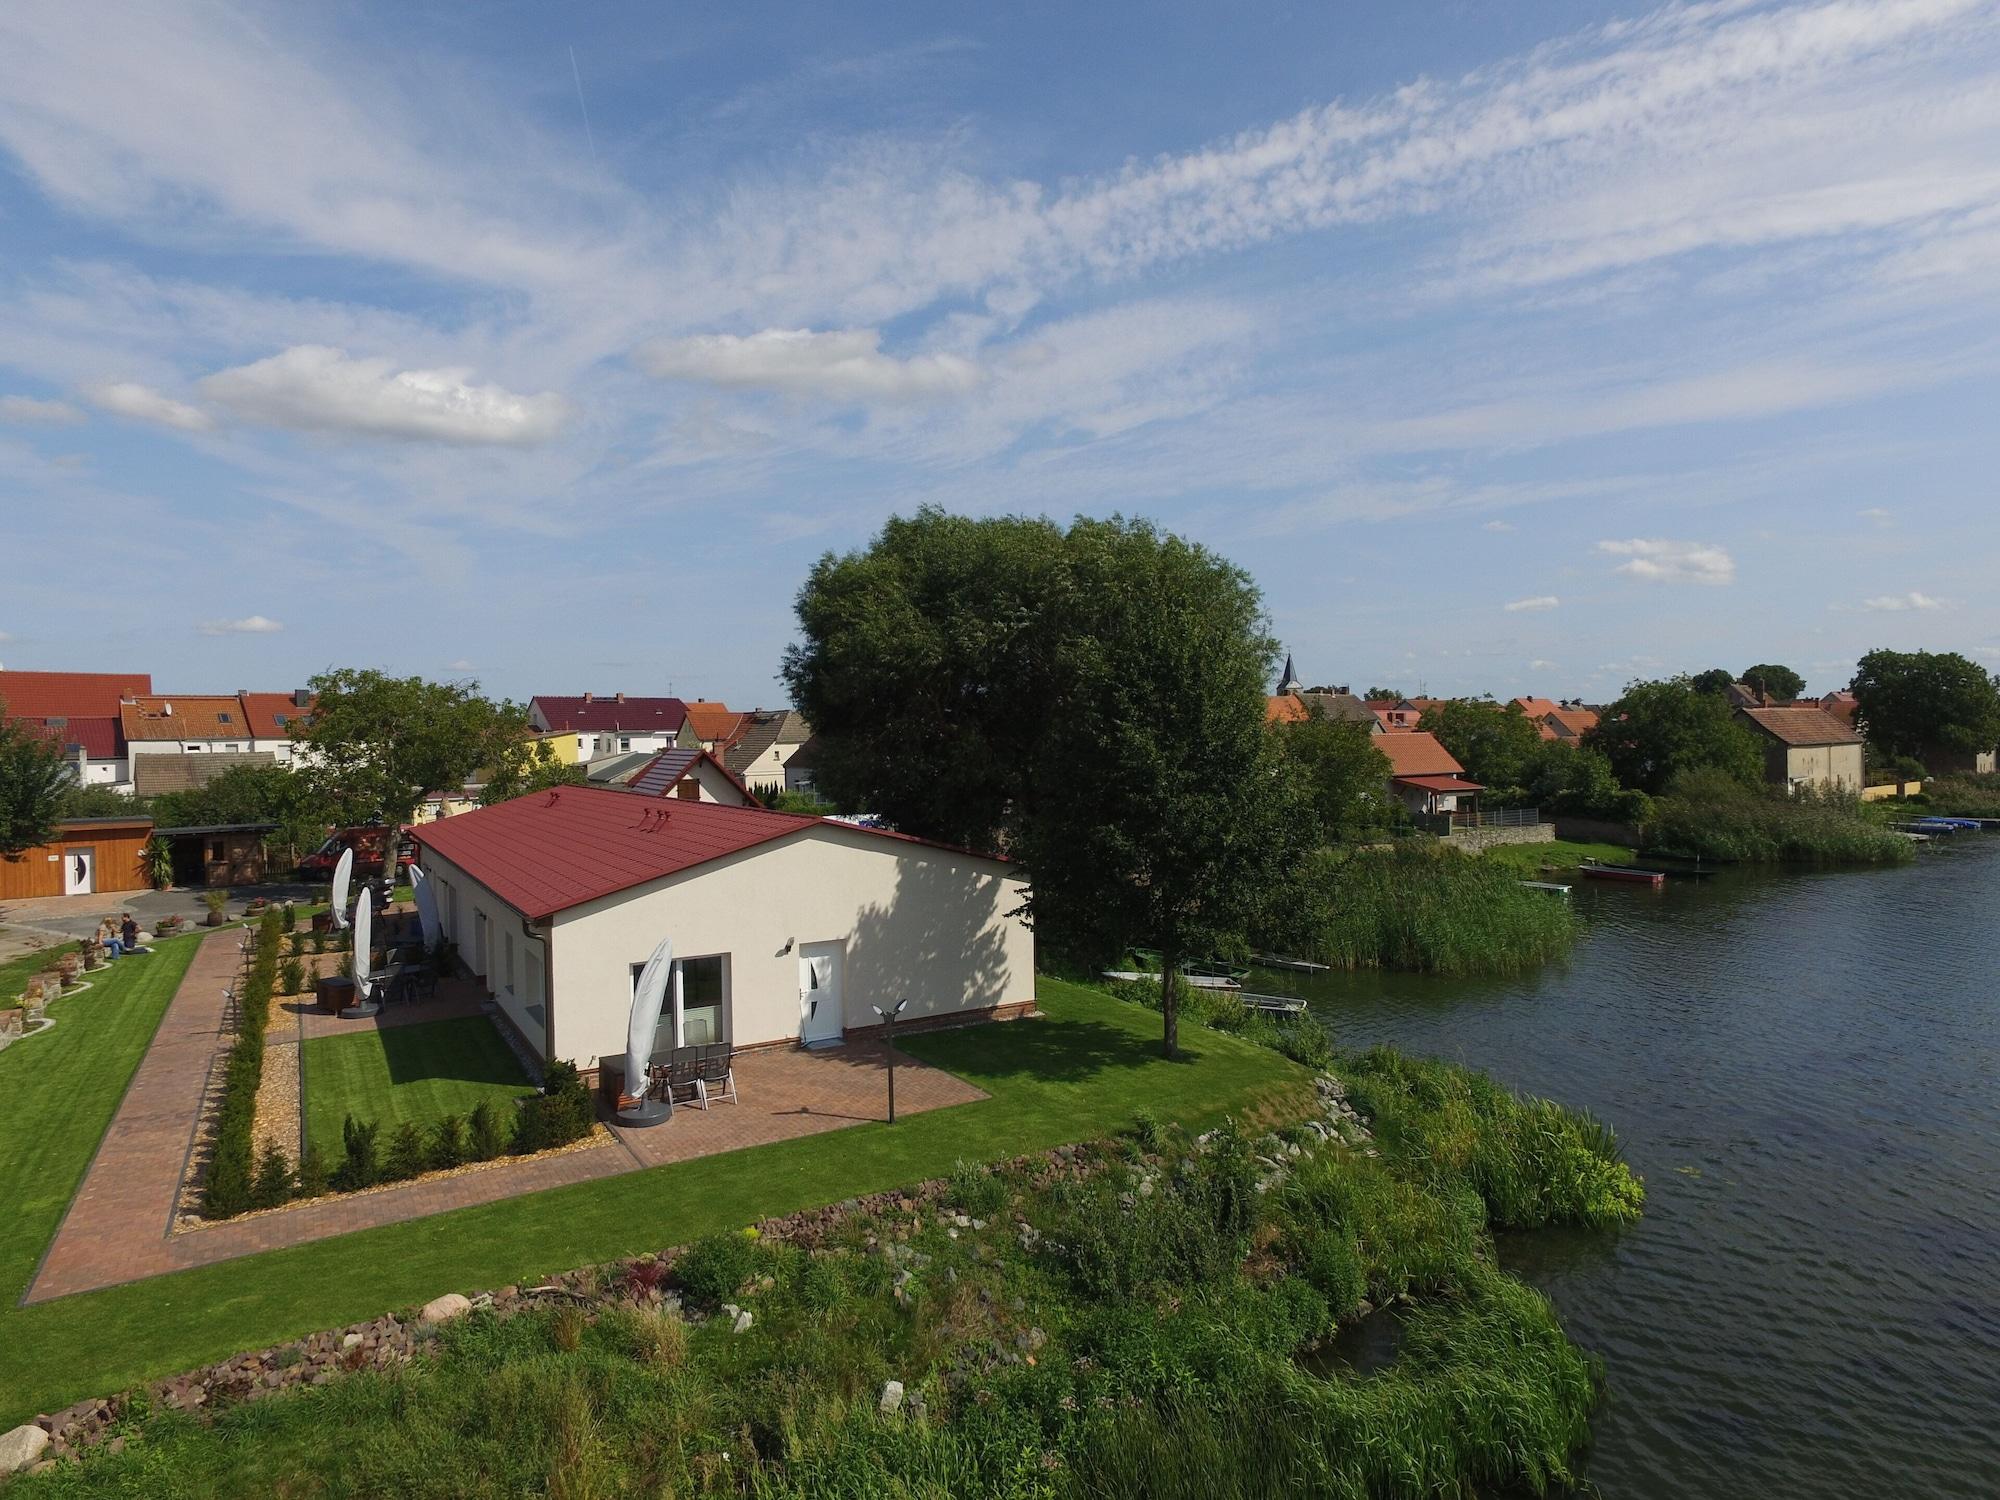 Ferienanlage Pritzerbe, Potsdam-Mittelmark